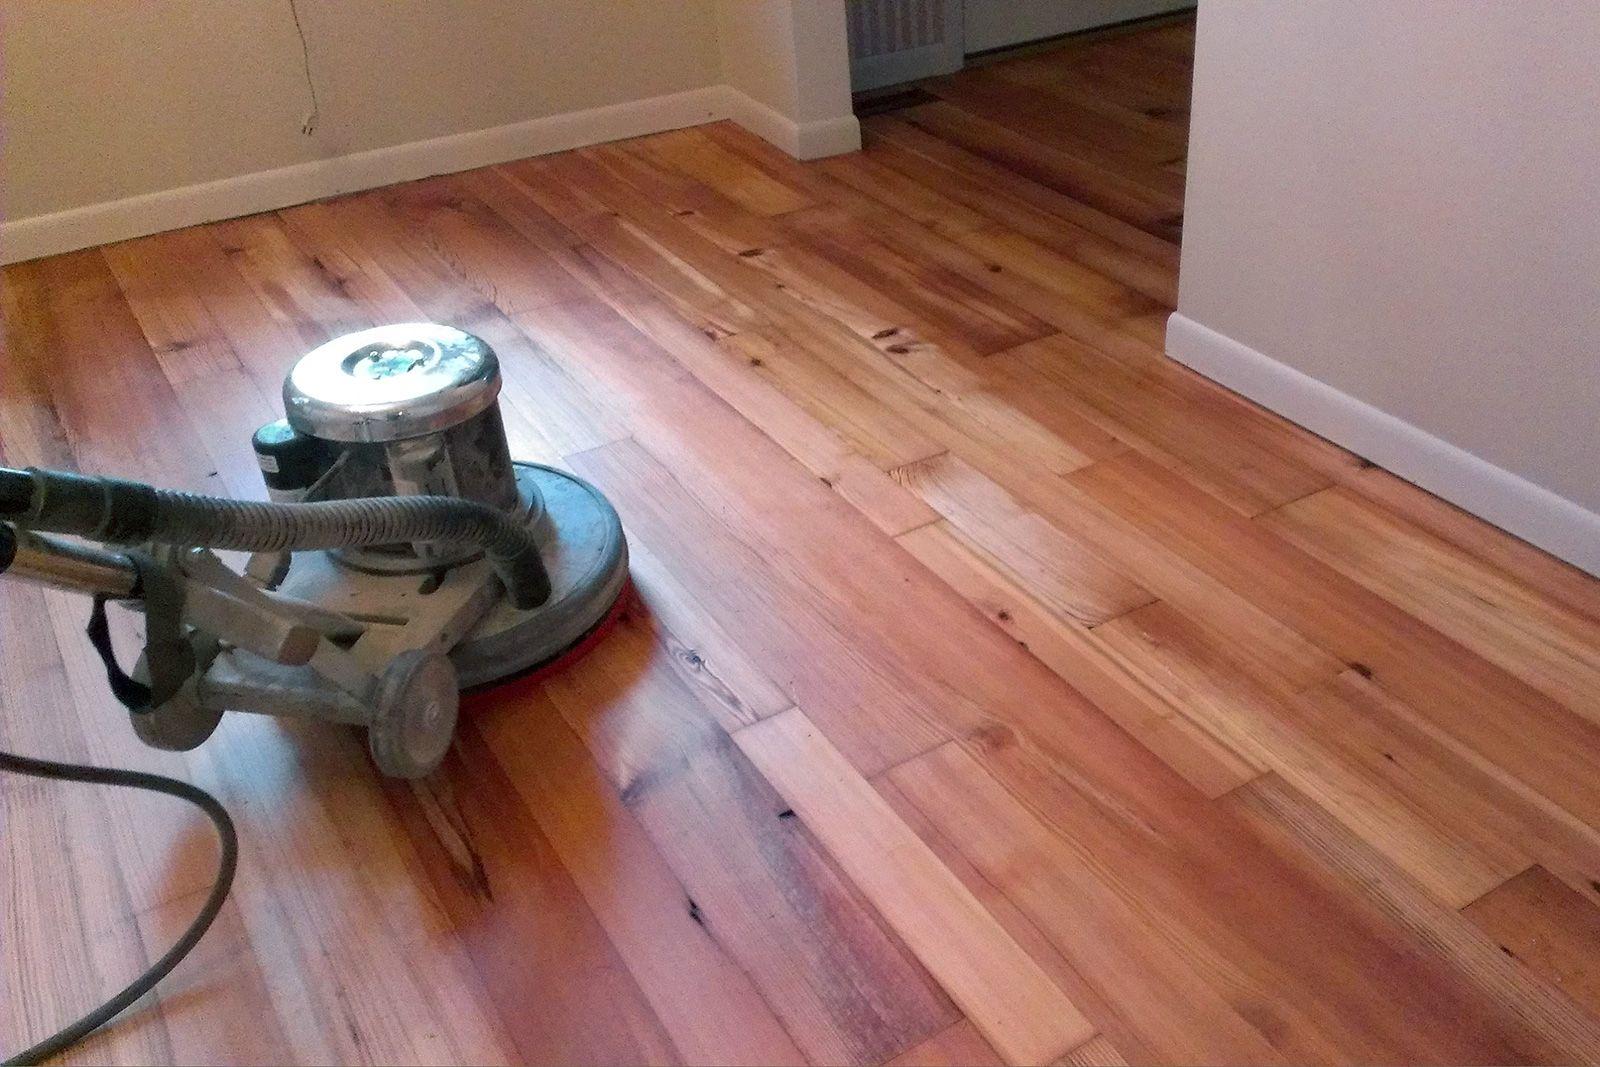 Best urethane finish for hardwood floors installing hardwood